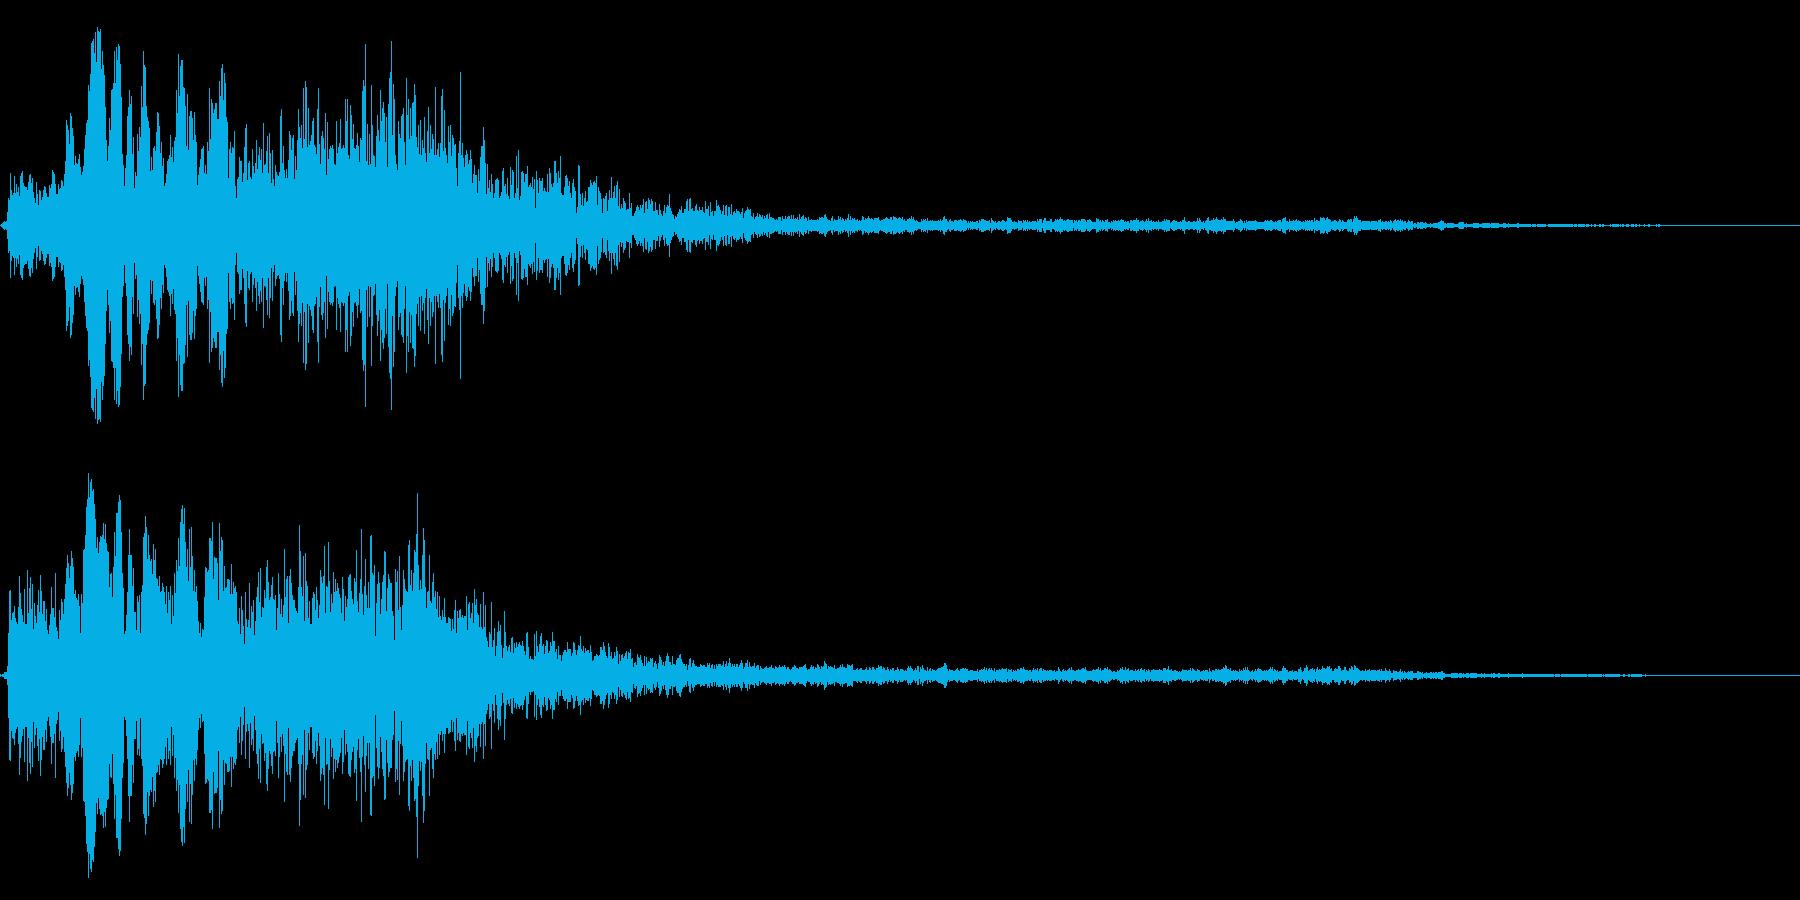 ホラー系アタック音1の再生済みの波形